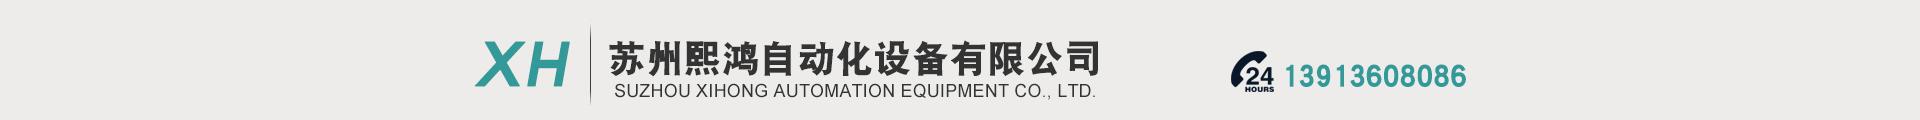 苏州熙鸿自动化设备有限公司